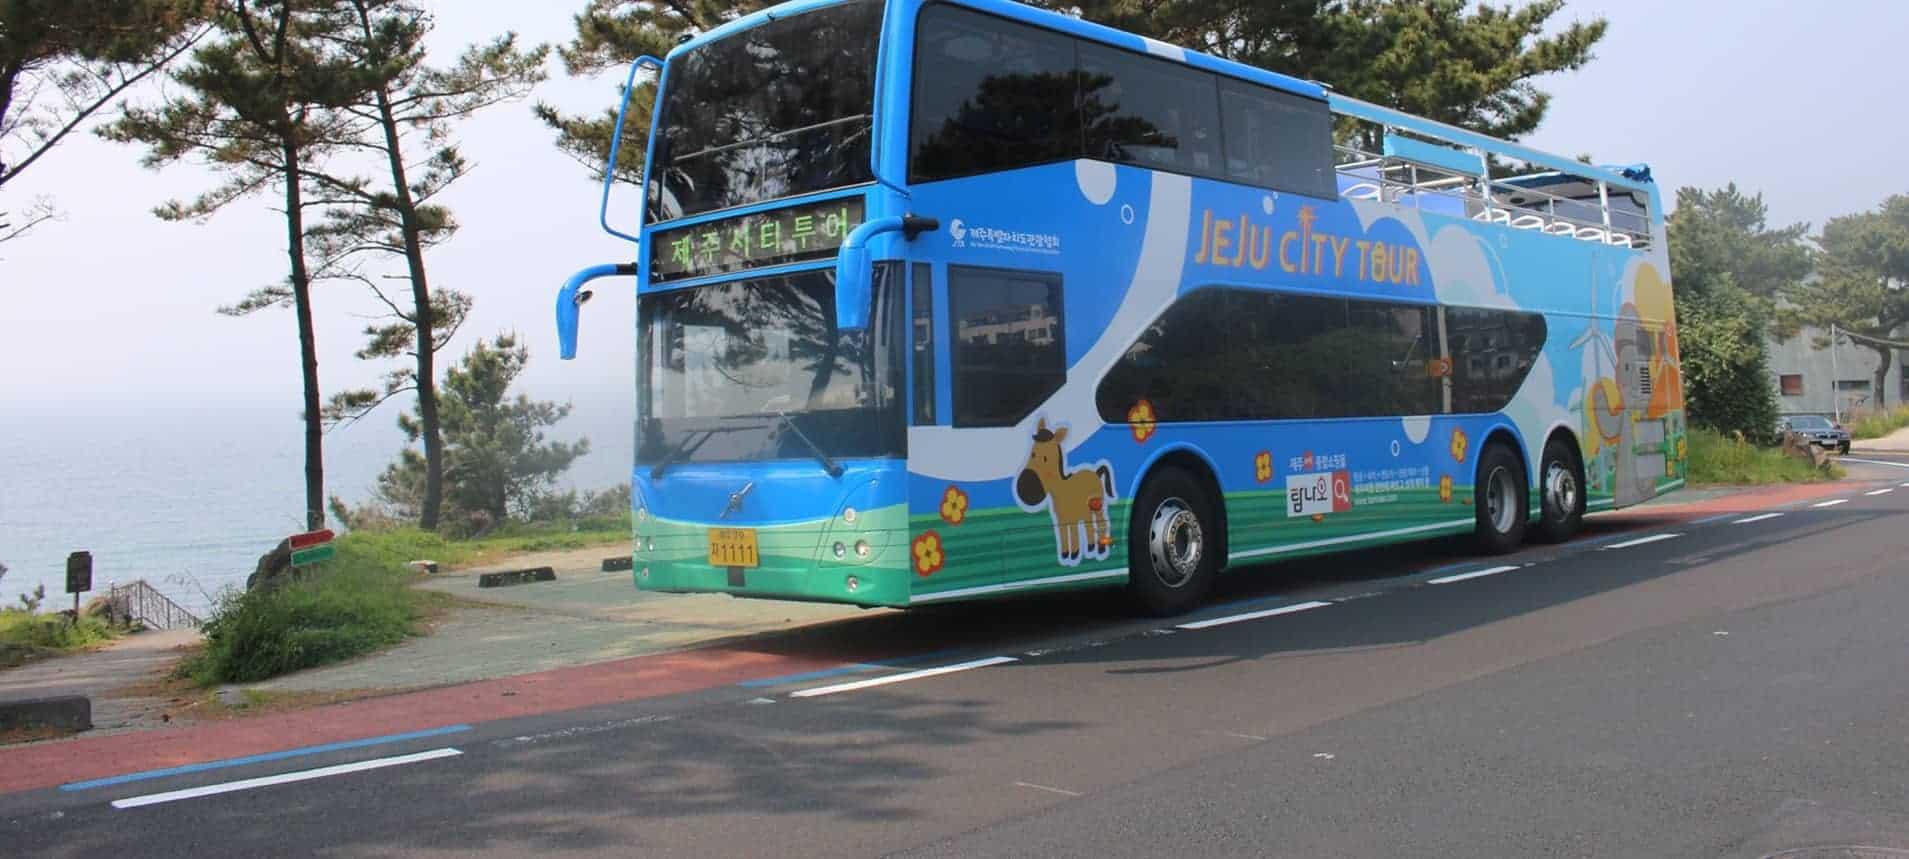 濟州島自由行 濟州觀光巴士